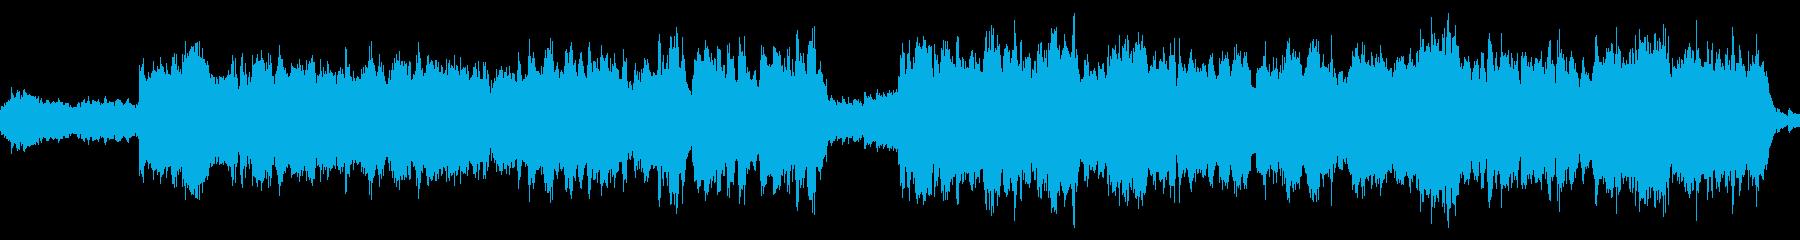 旧版RPG向けオーケストラ曲『神殿』の再生済みの波形